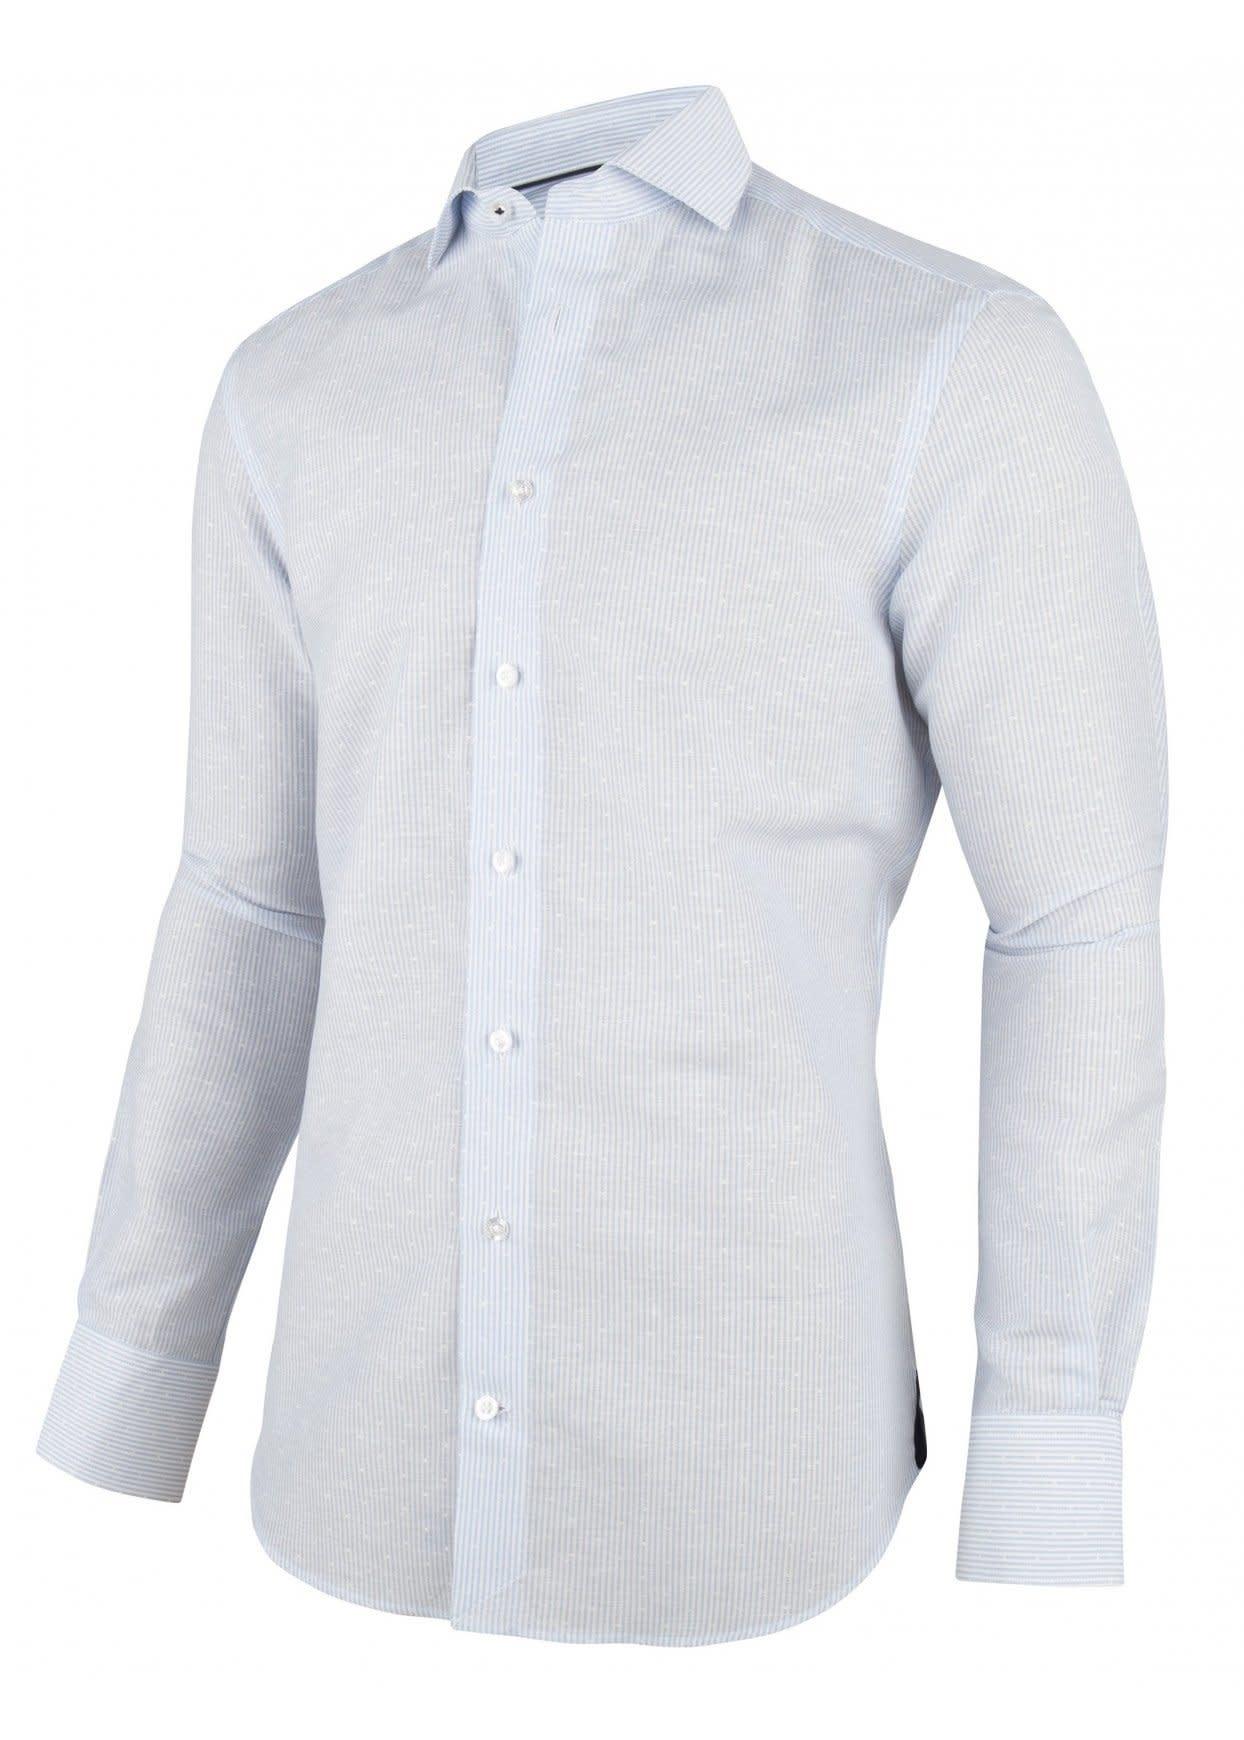 Bari overhemd-2